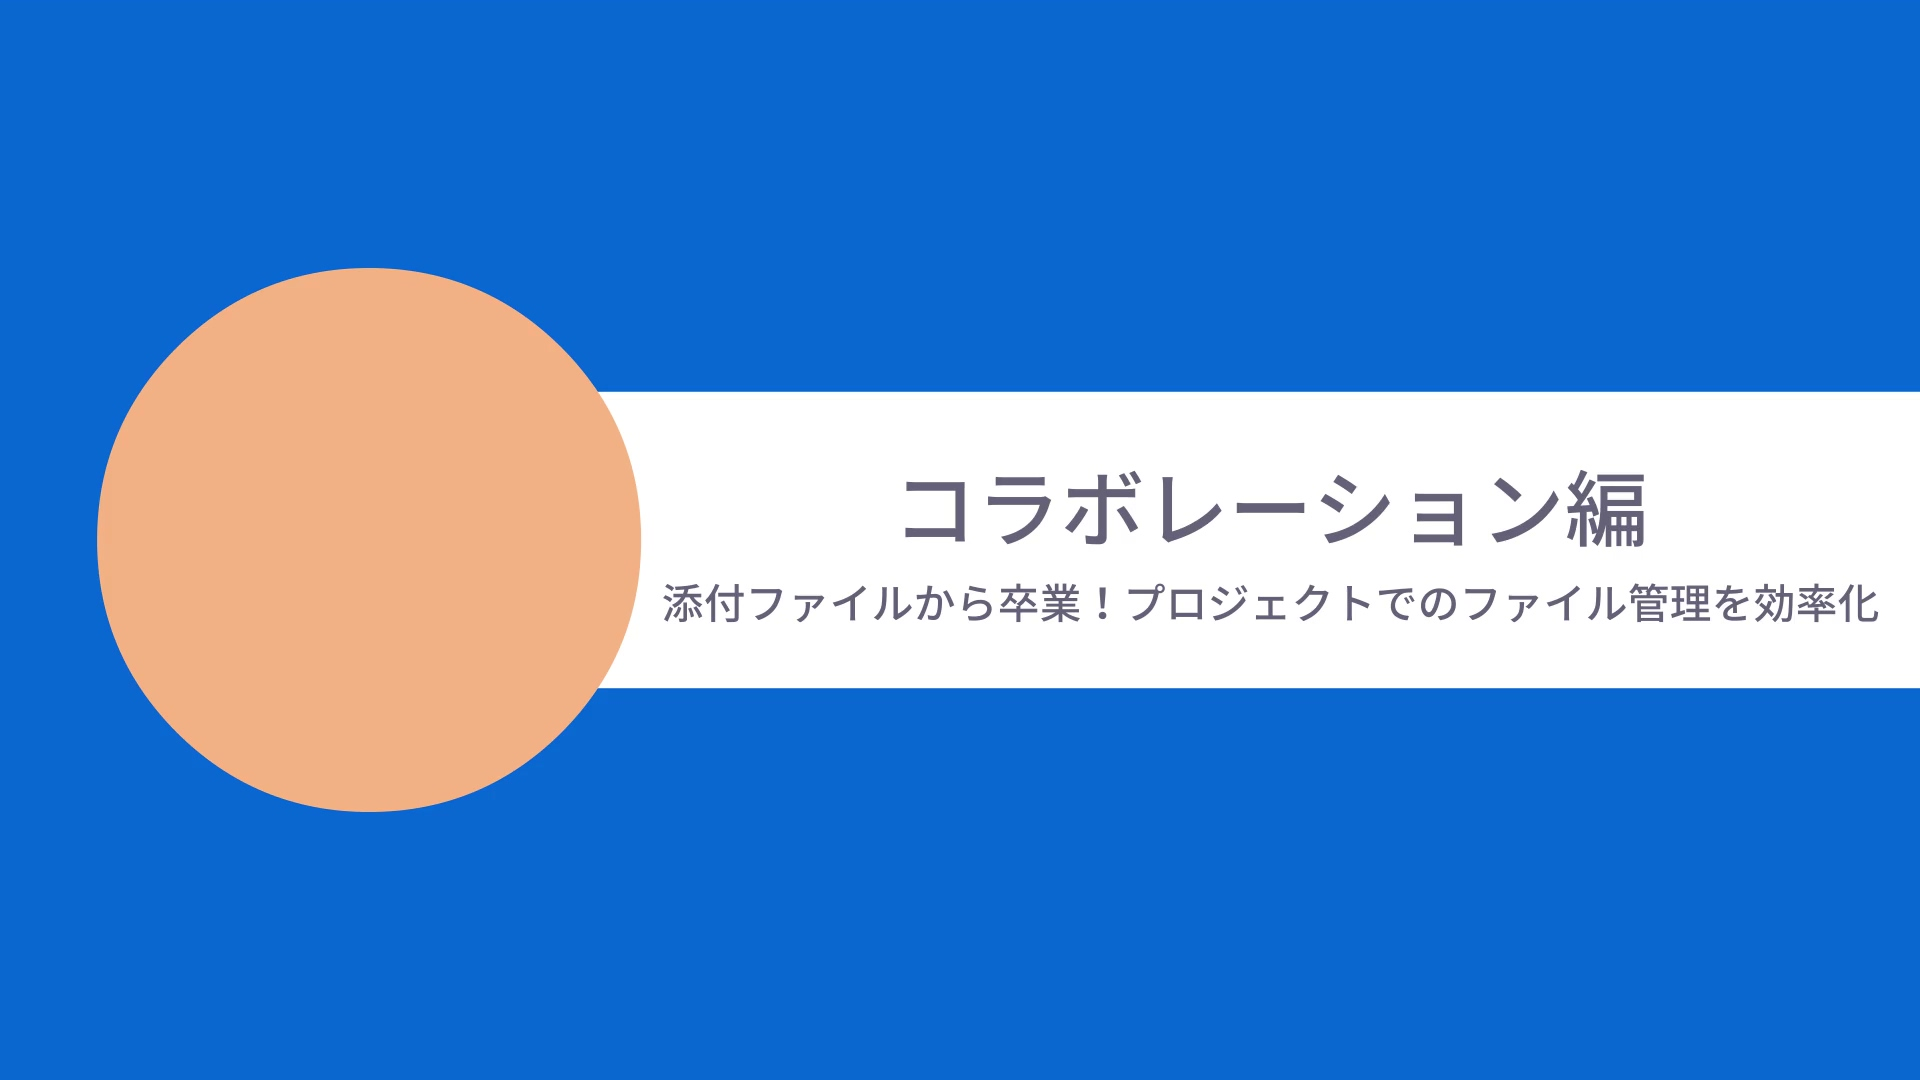 [Boxユースケースムービー]コラボレーション編